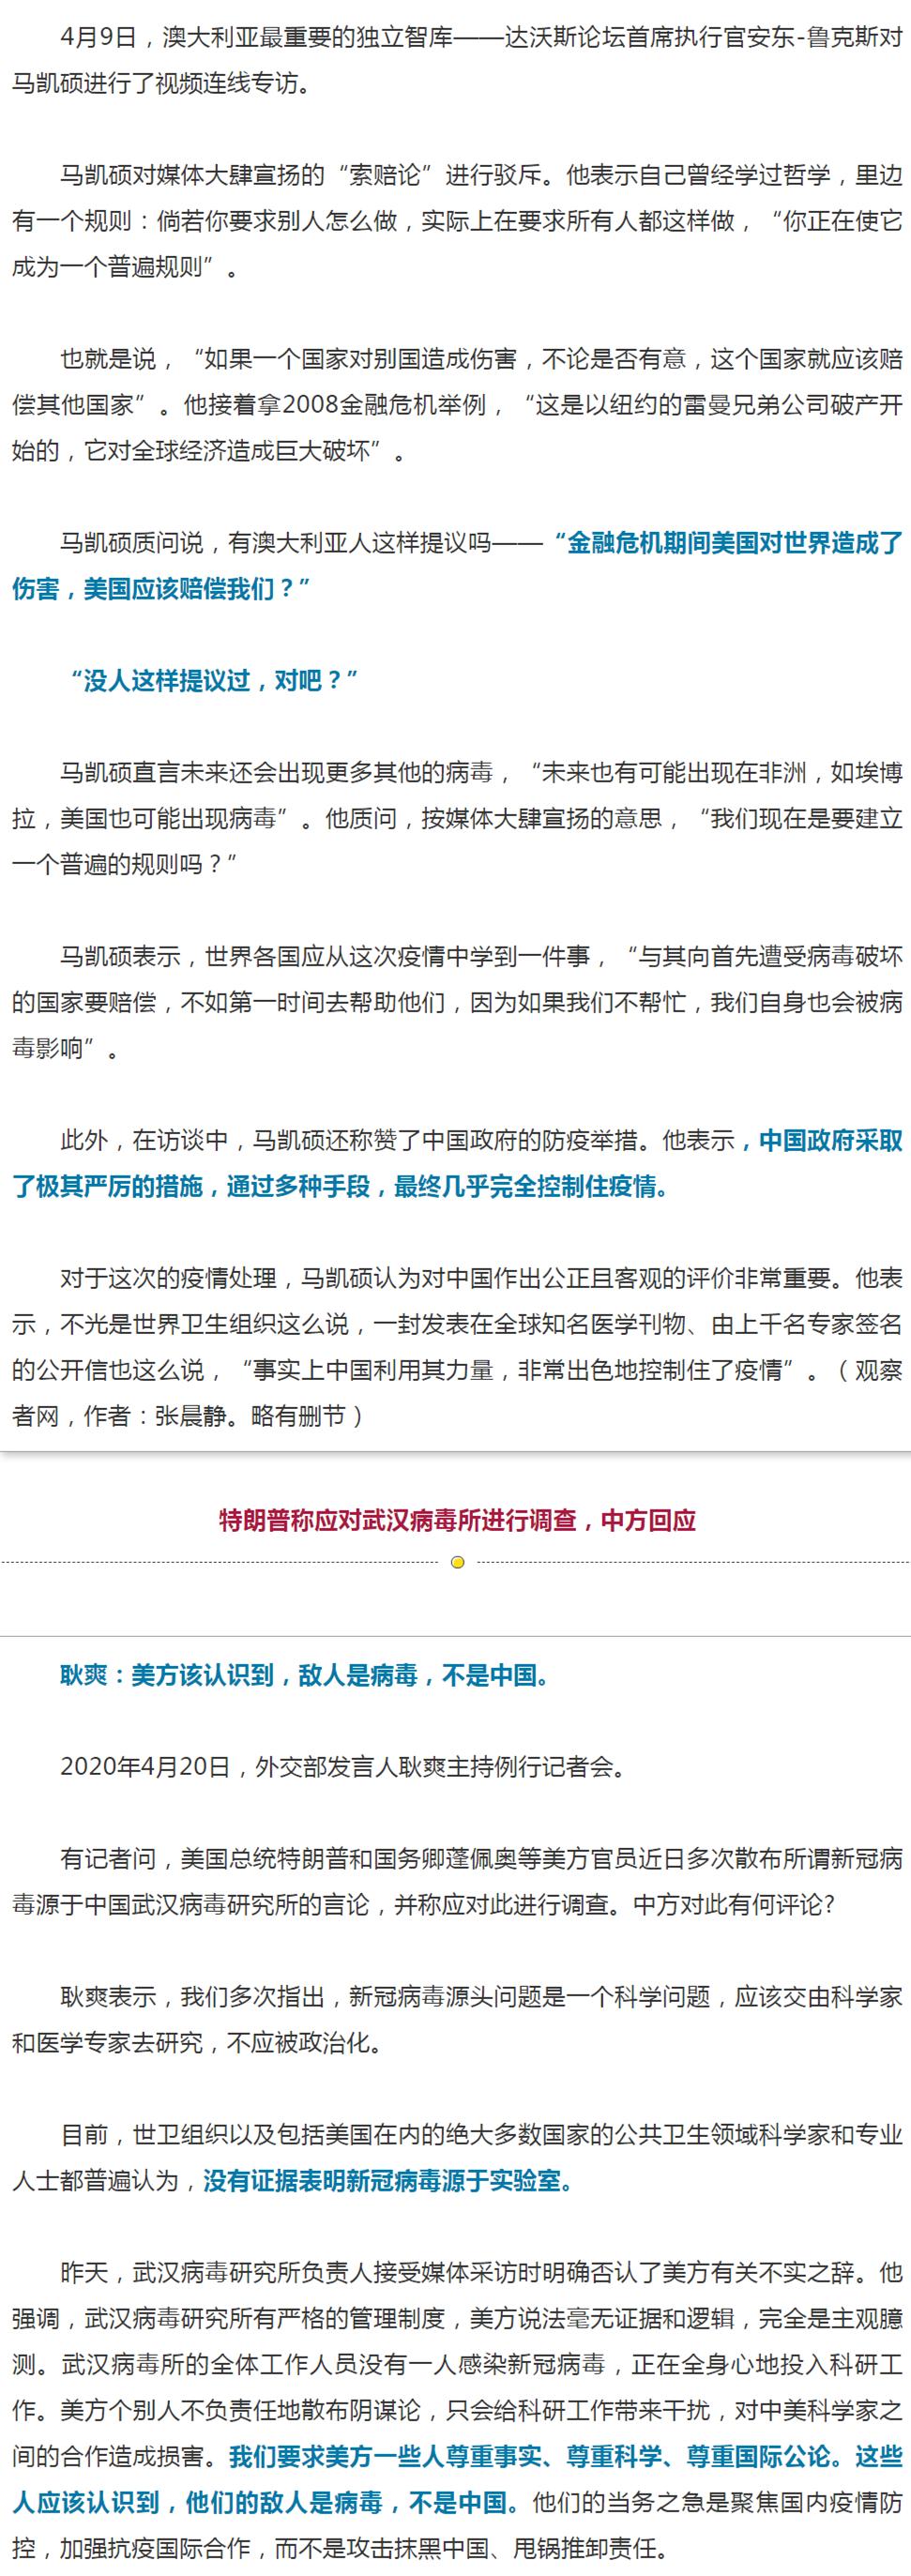 【聚焦】美方要求中国为疫情赔偿?耿爽重磅三连问!_副本1.png